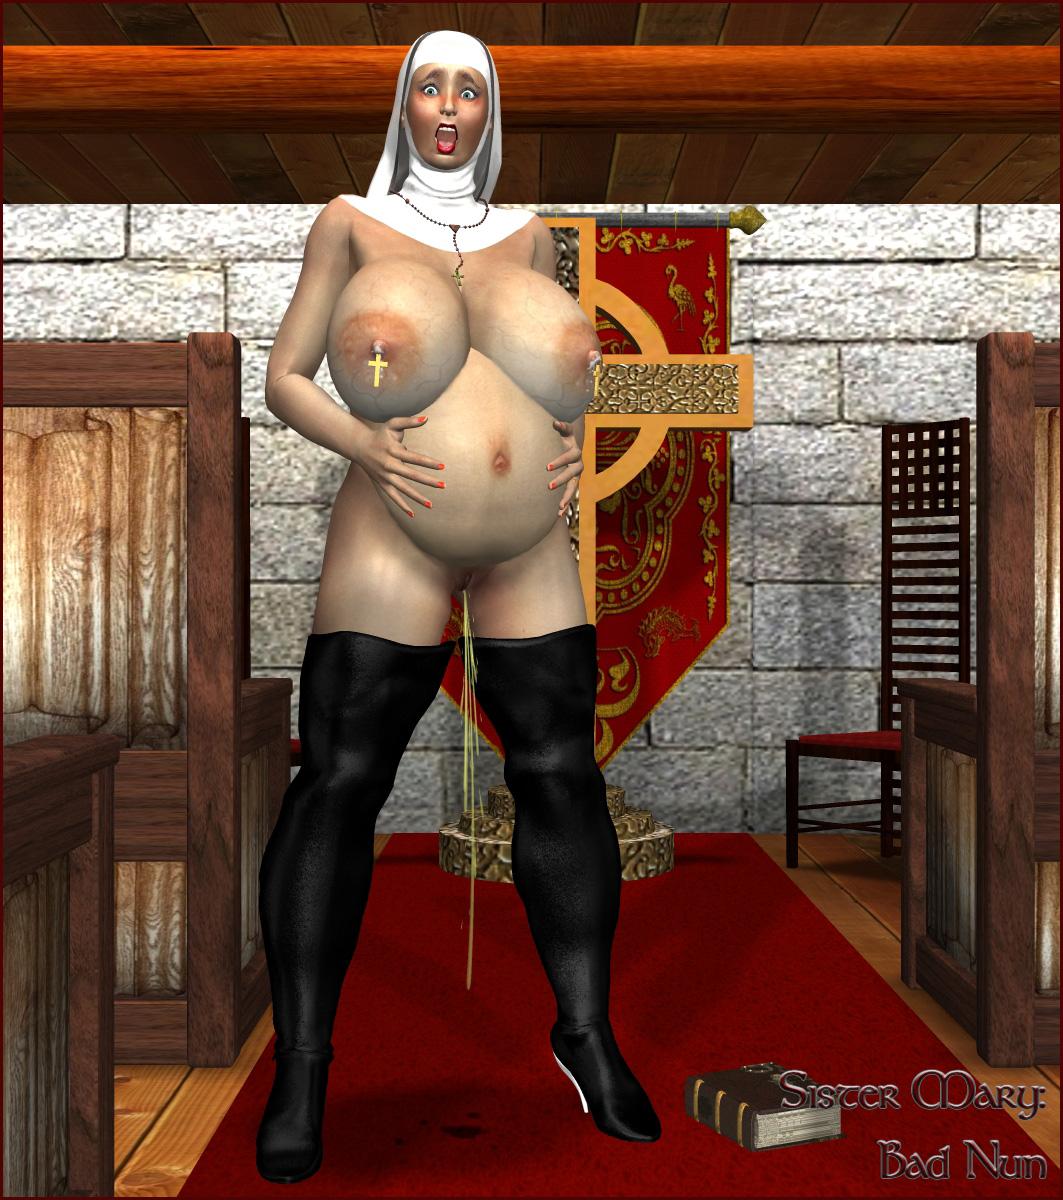 3d nuns porn picture pron gallery